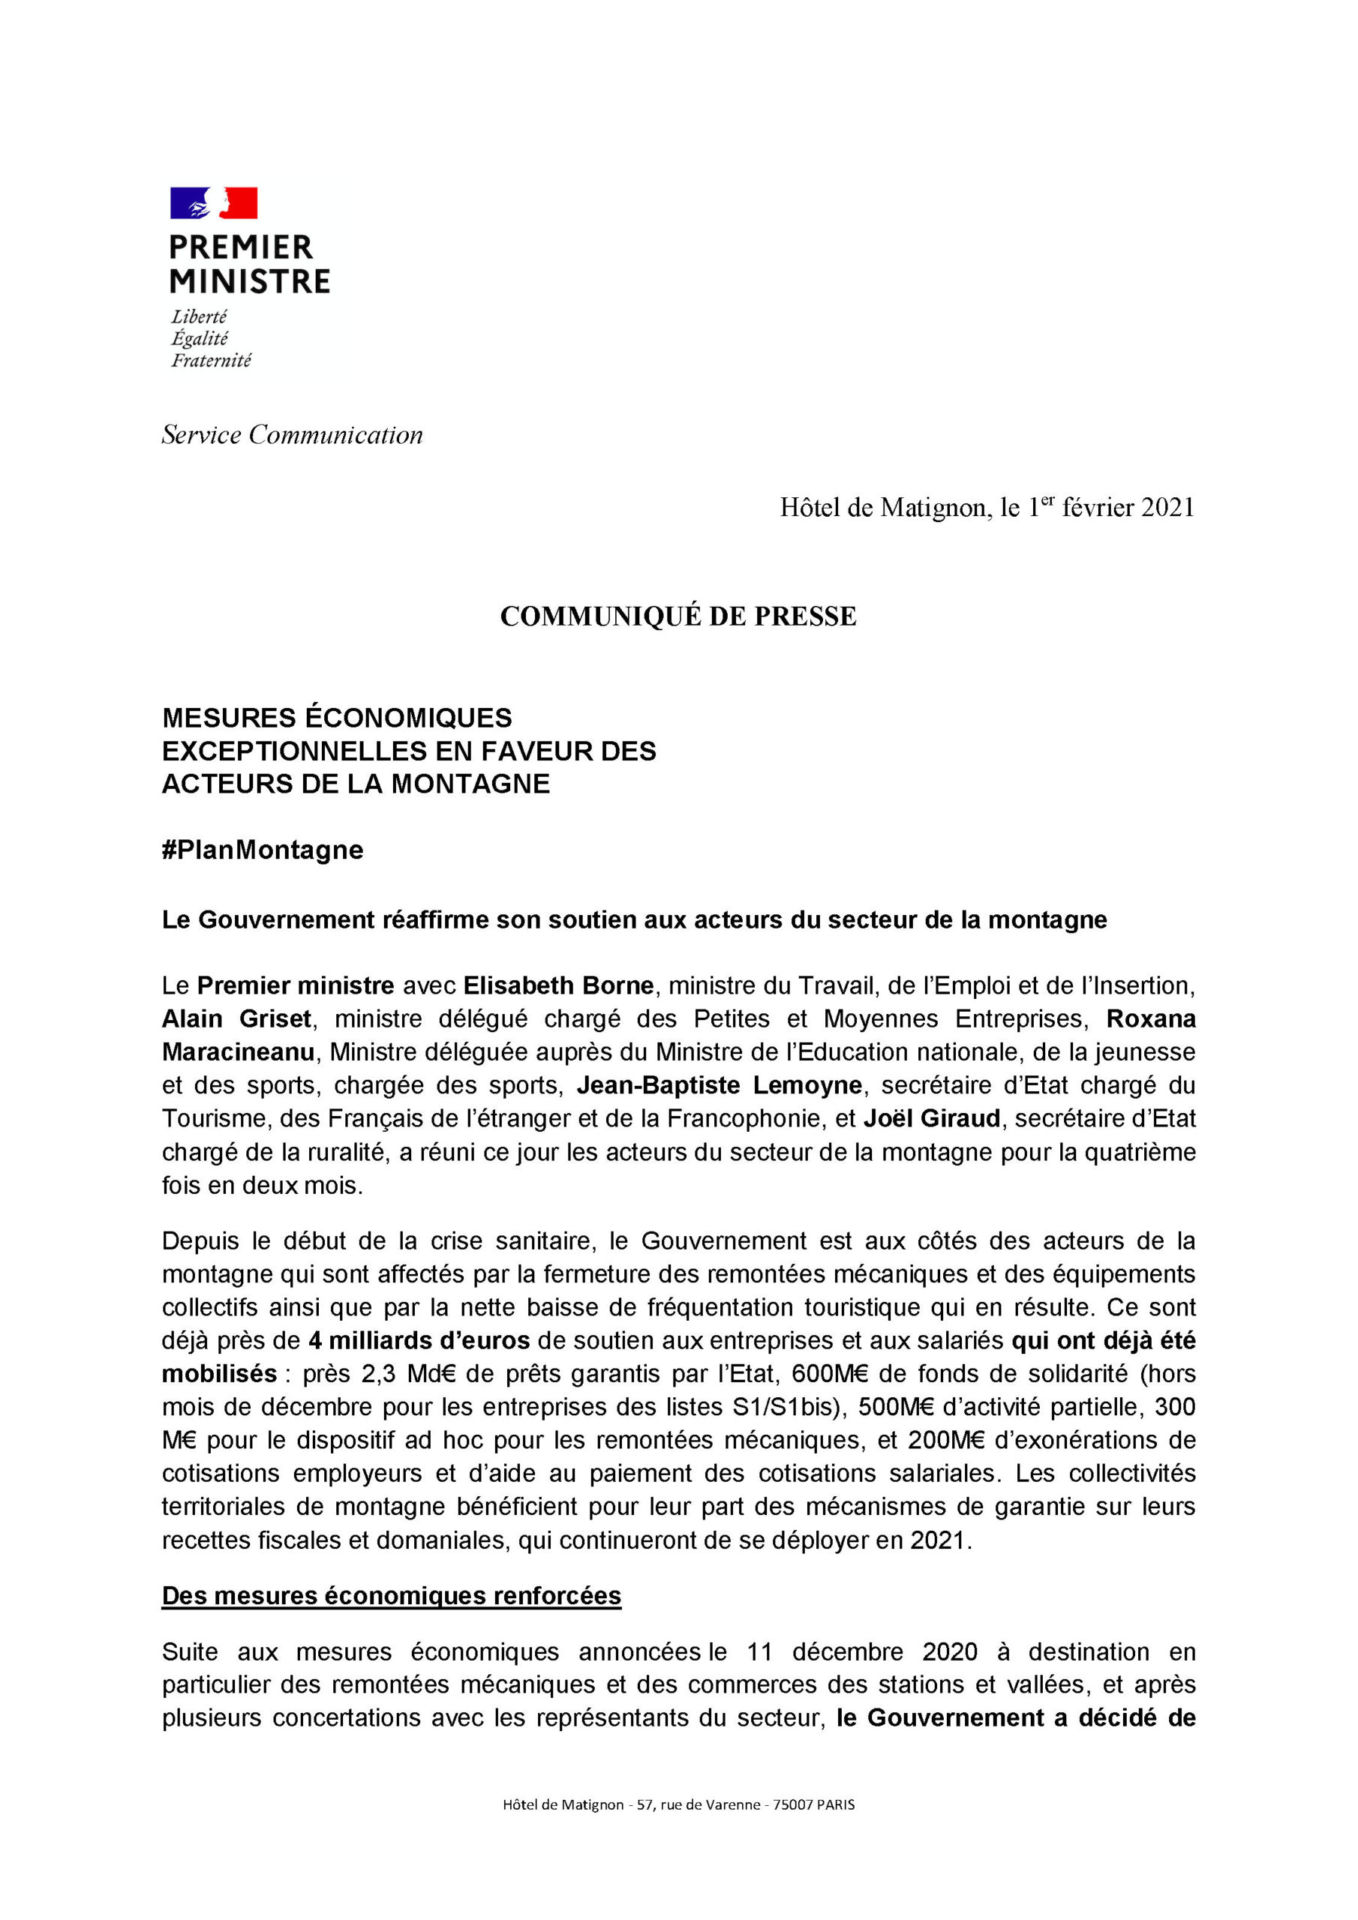 Communique de Presse de M. Jean Castex - Premier Ministre - Mesures Economiques Exceptionnelles En Faveur Des Acteurs De La Montagne - Mairie de Montgenèvre